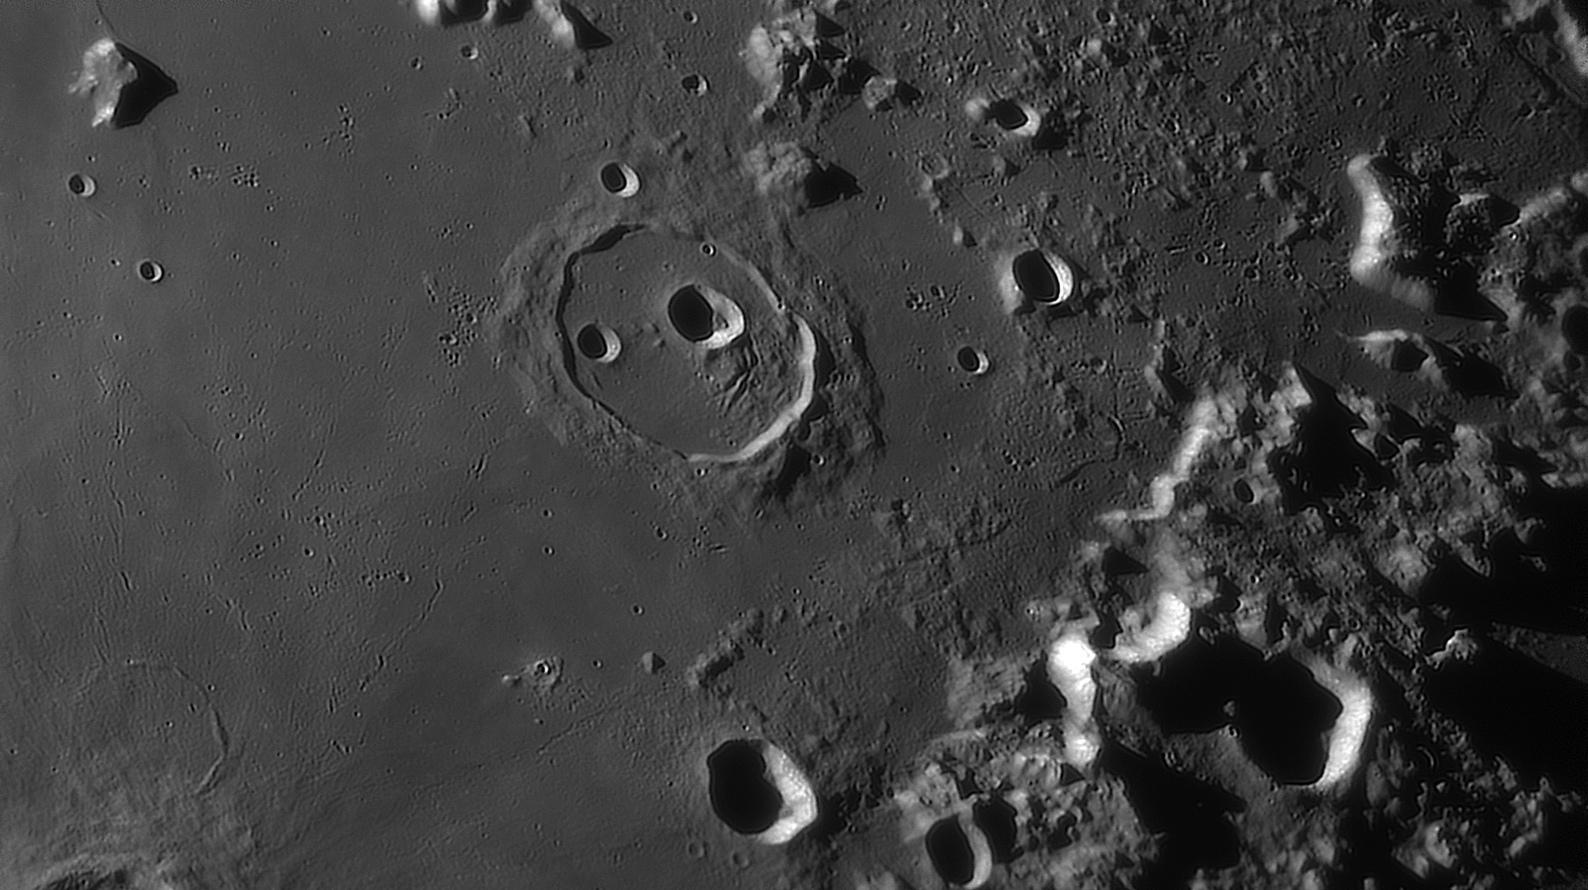 Lune 20/09/2019 Bastia C14 : CASSINI